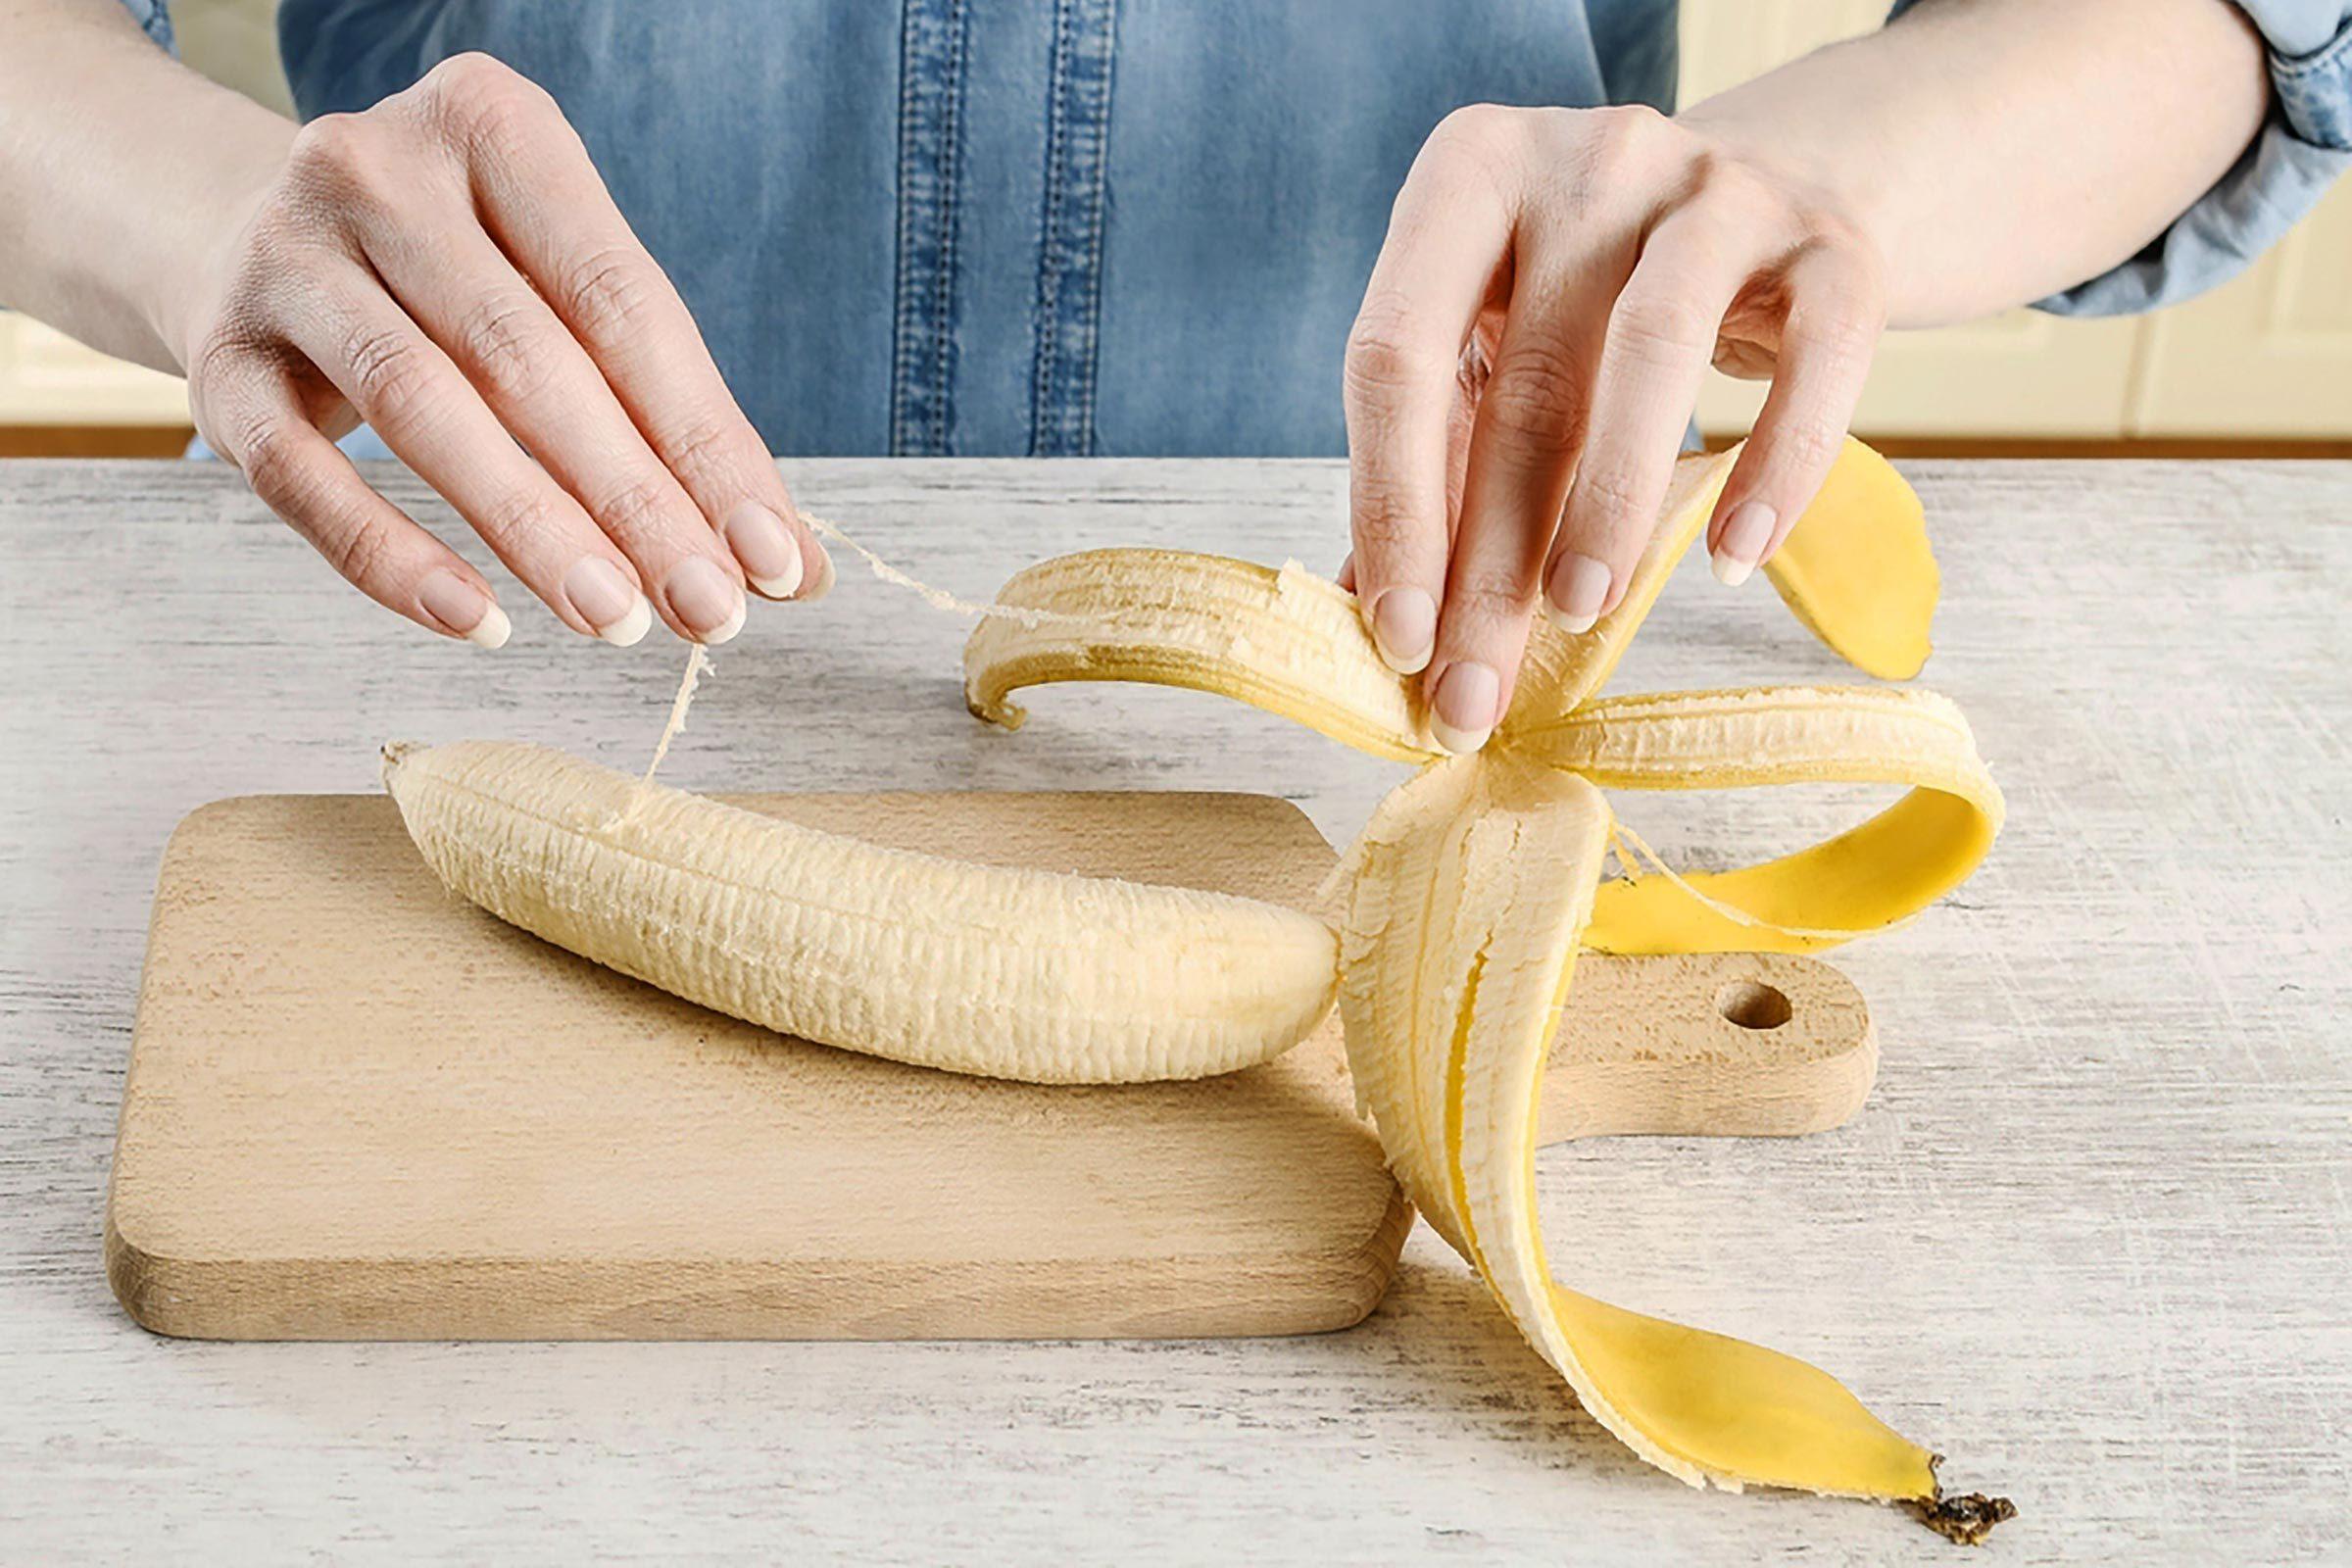 Кофег орлох сэргээх үйлчилгээтэй бүтээгдэхүүн banana зурган илэрцүүд